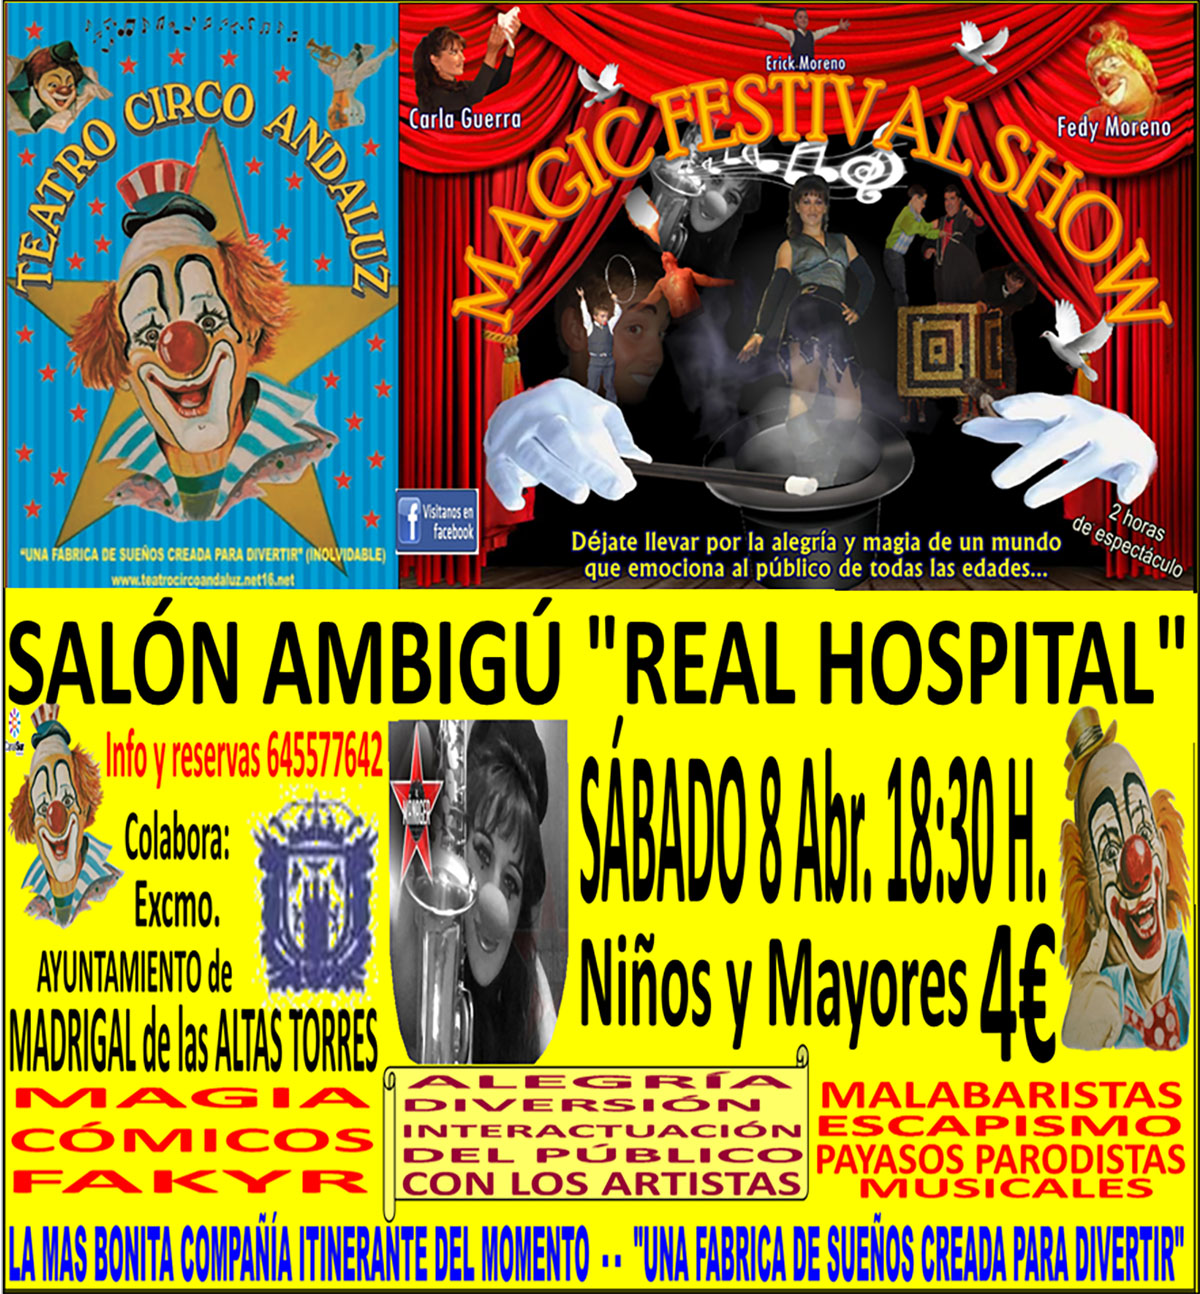 teatro-circo-andaluz